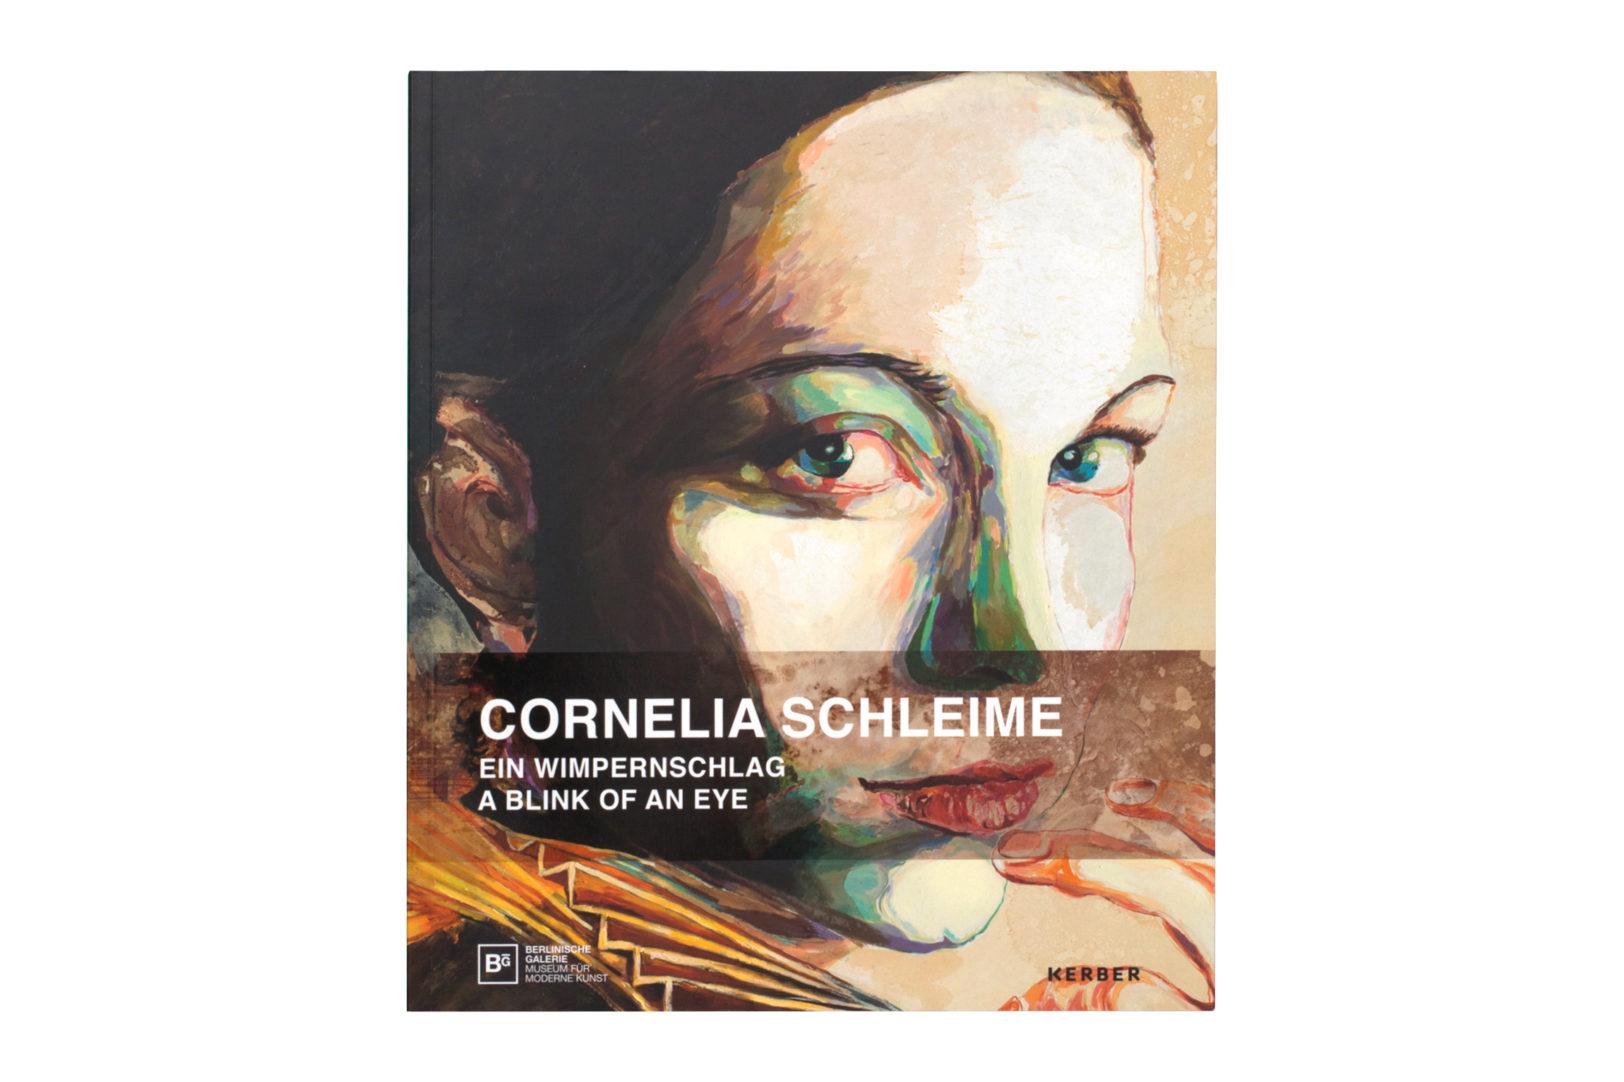 http://e-o-t.de/wordpress/wp-content/uploads/2017/11/eot-2016-CorneliaSchleime-Book-1.jpg